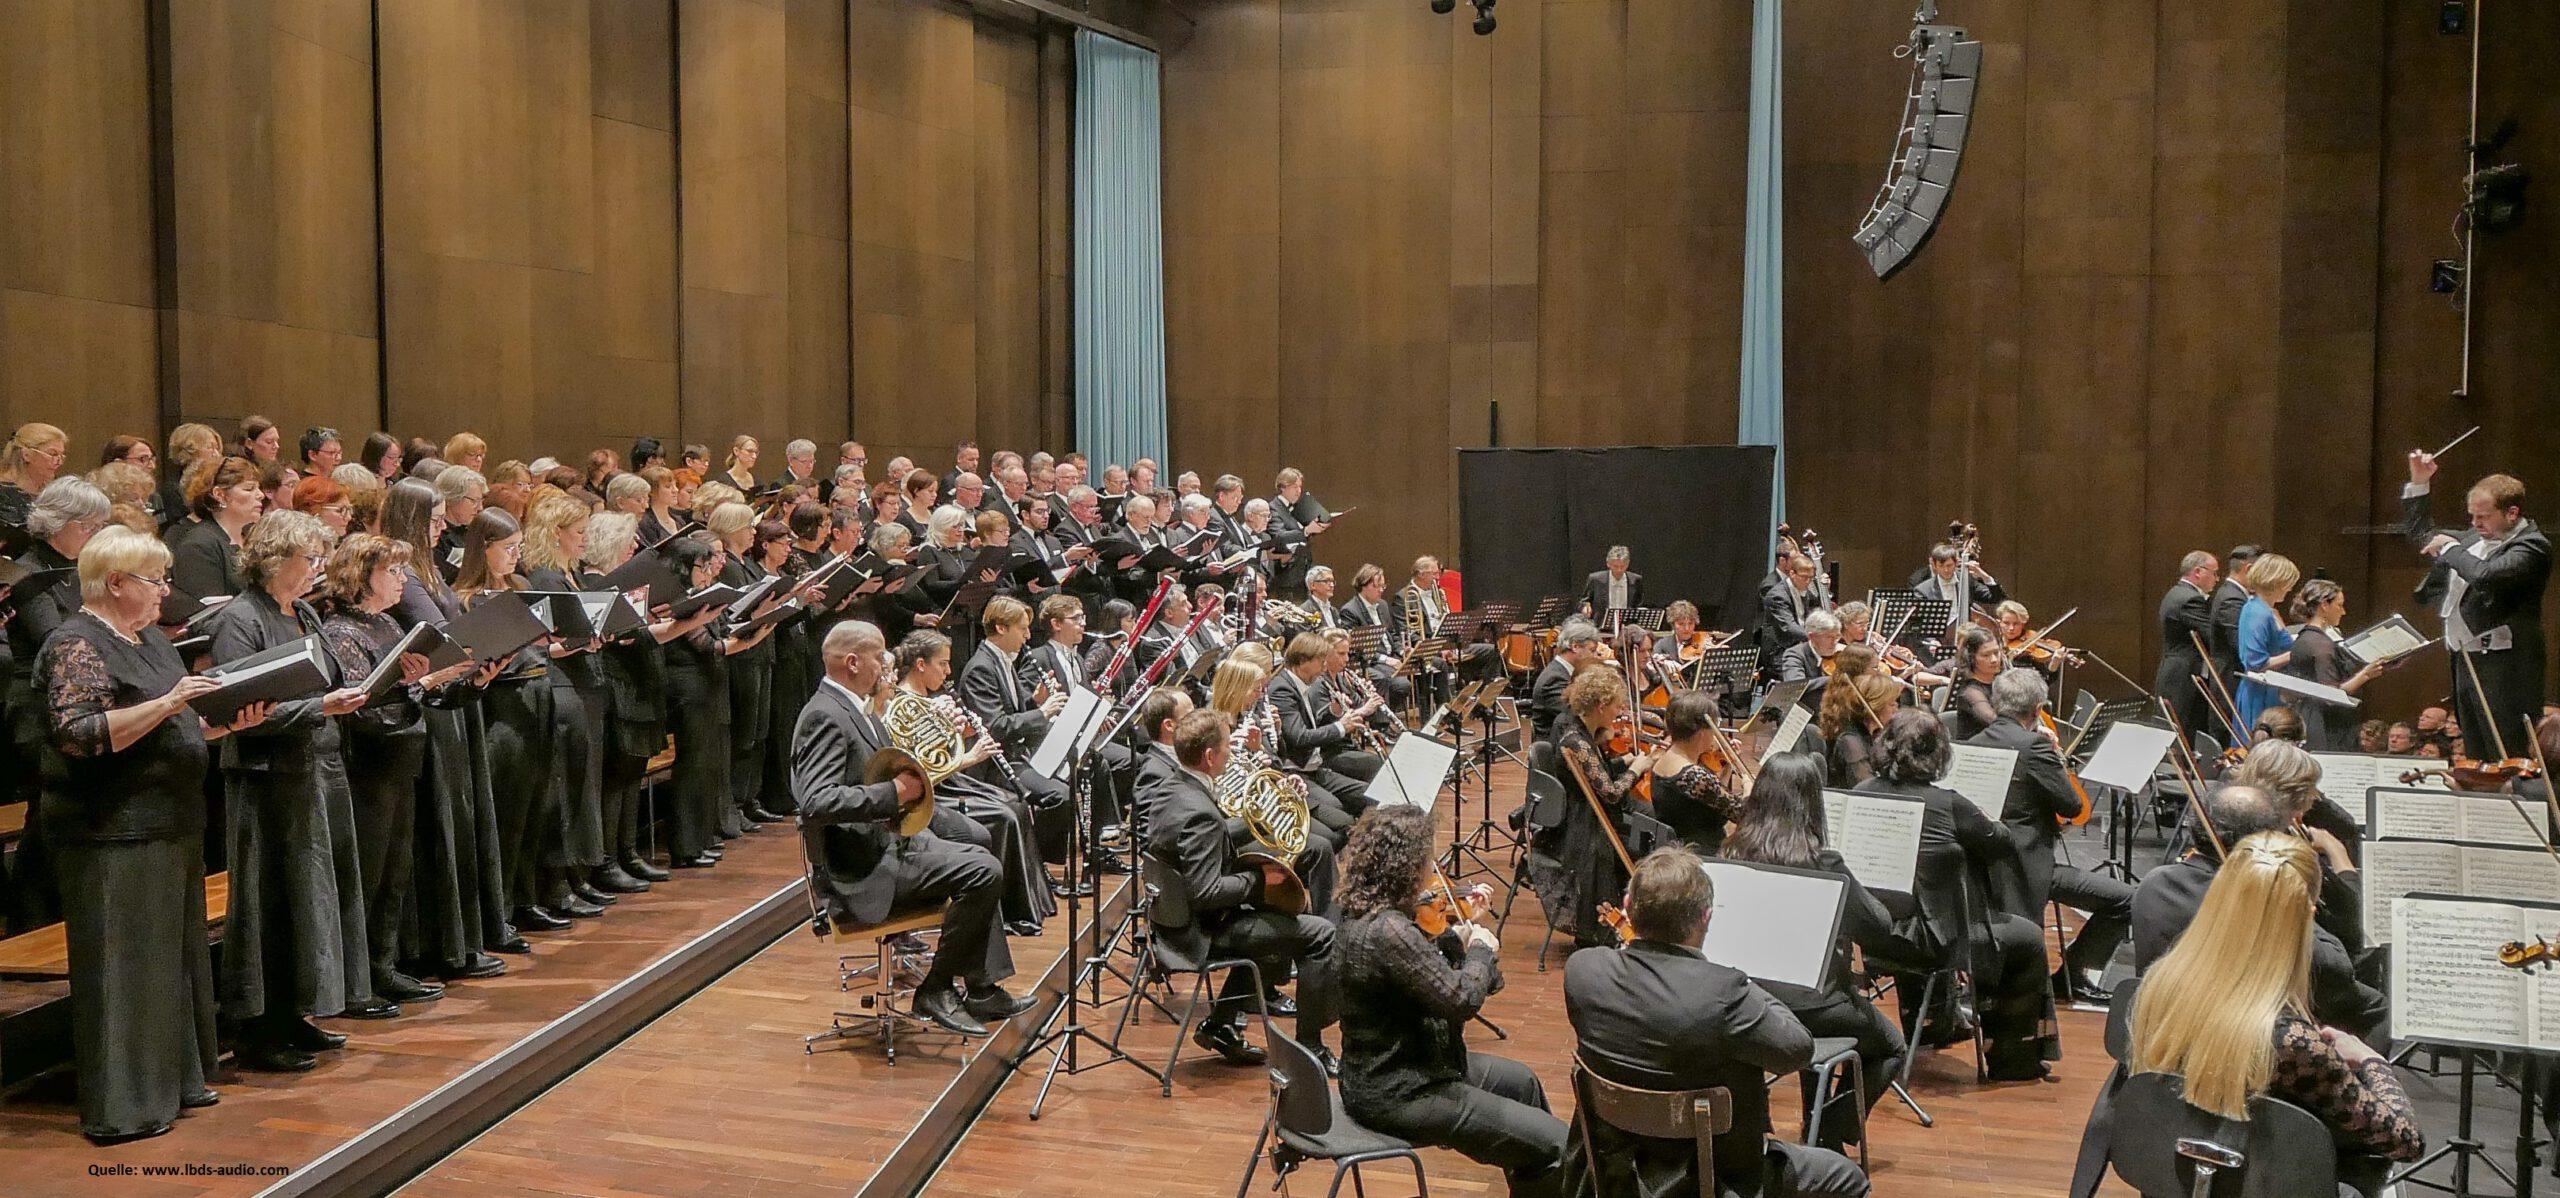 Missa solemnis im Pfalzbau 2020